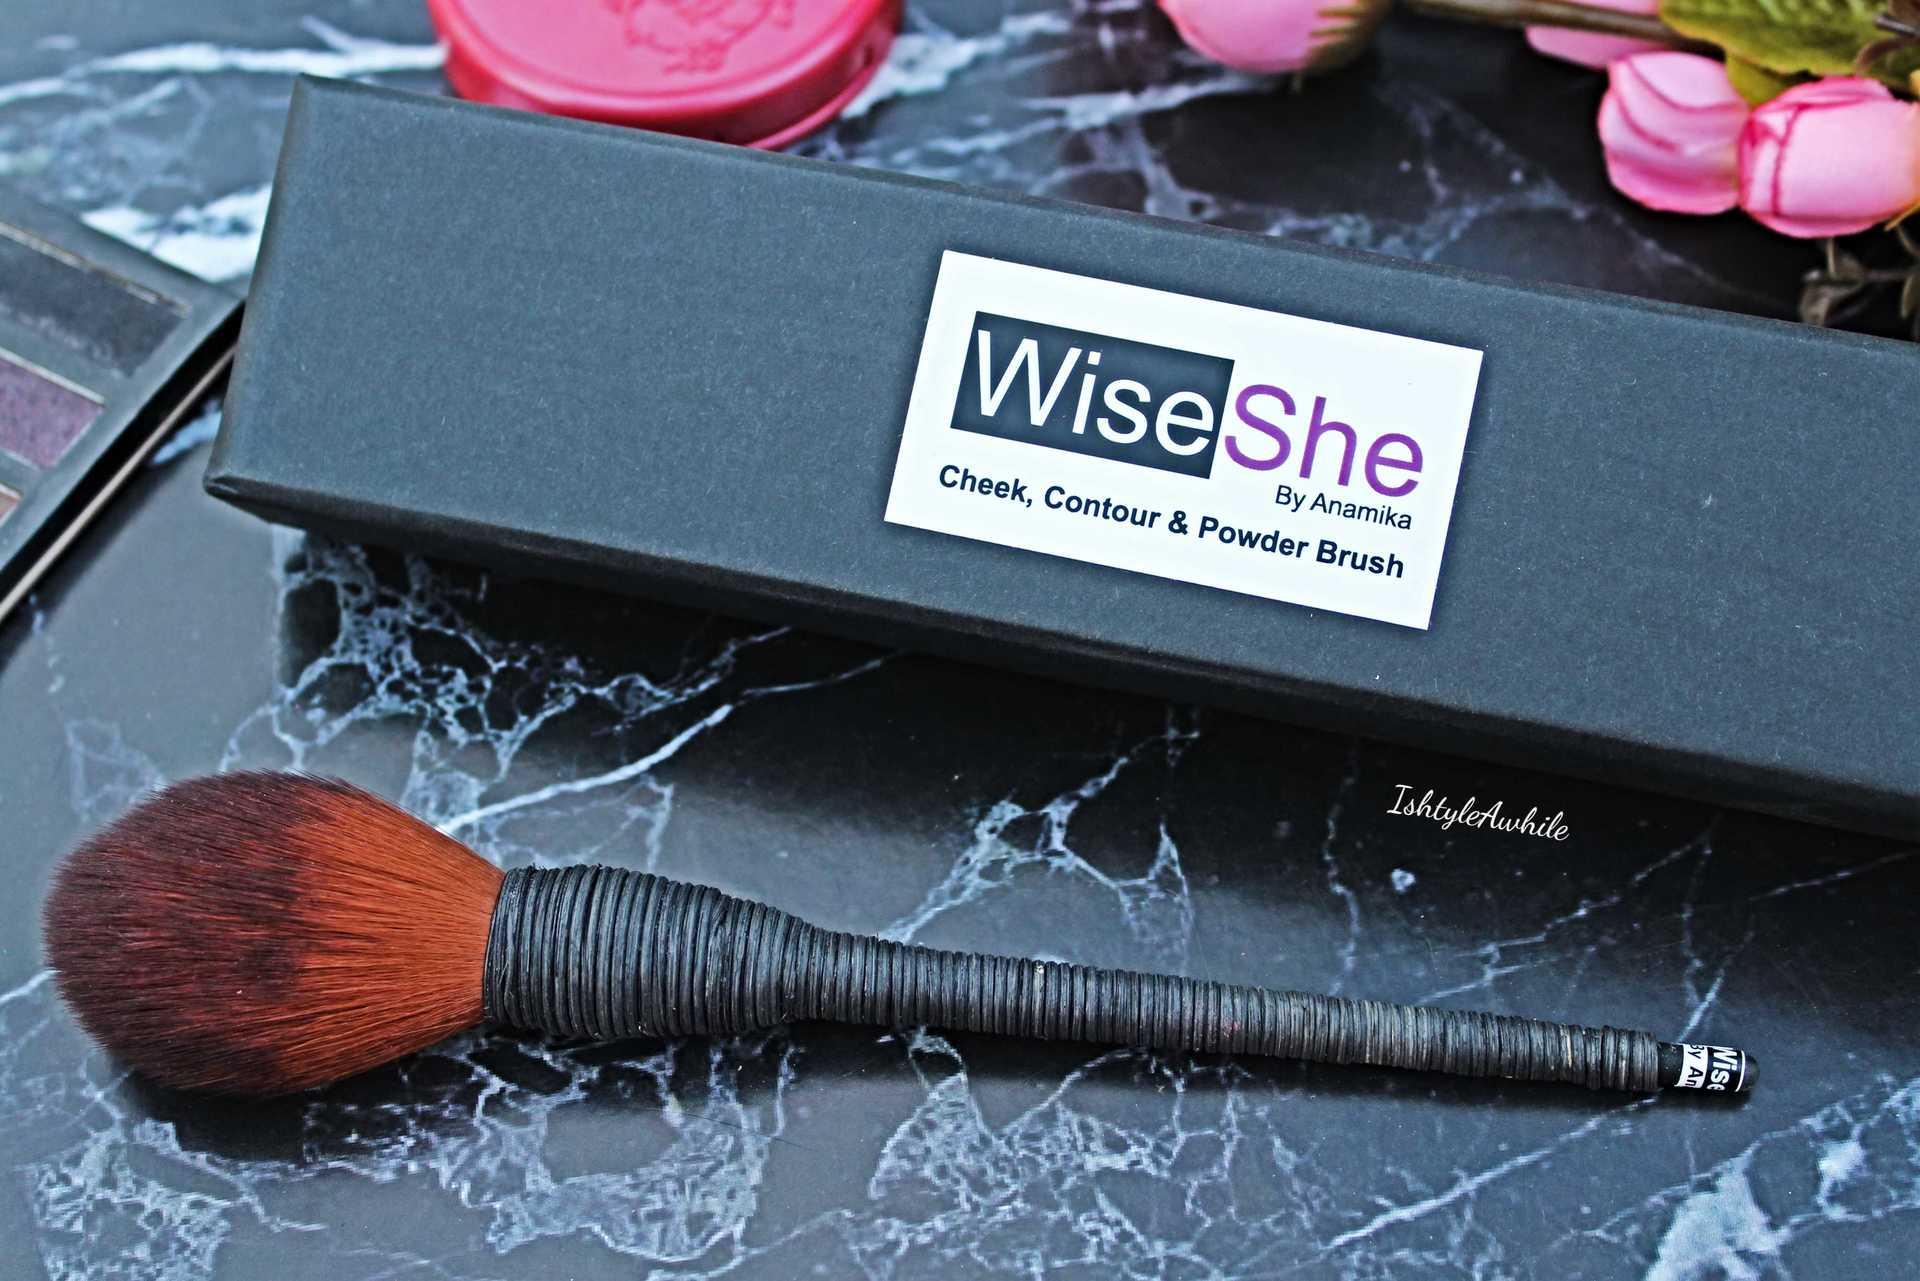 IshtyleAwhile - wiseshe blush brush review_ishtyleawhile